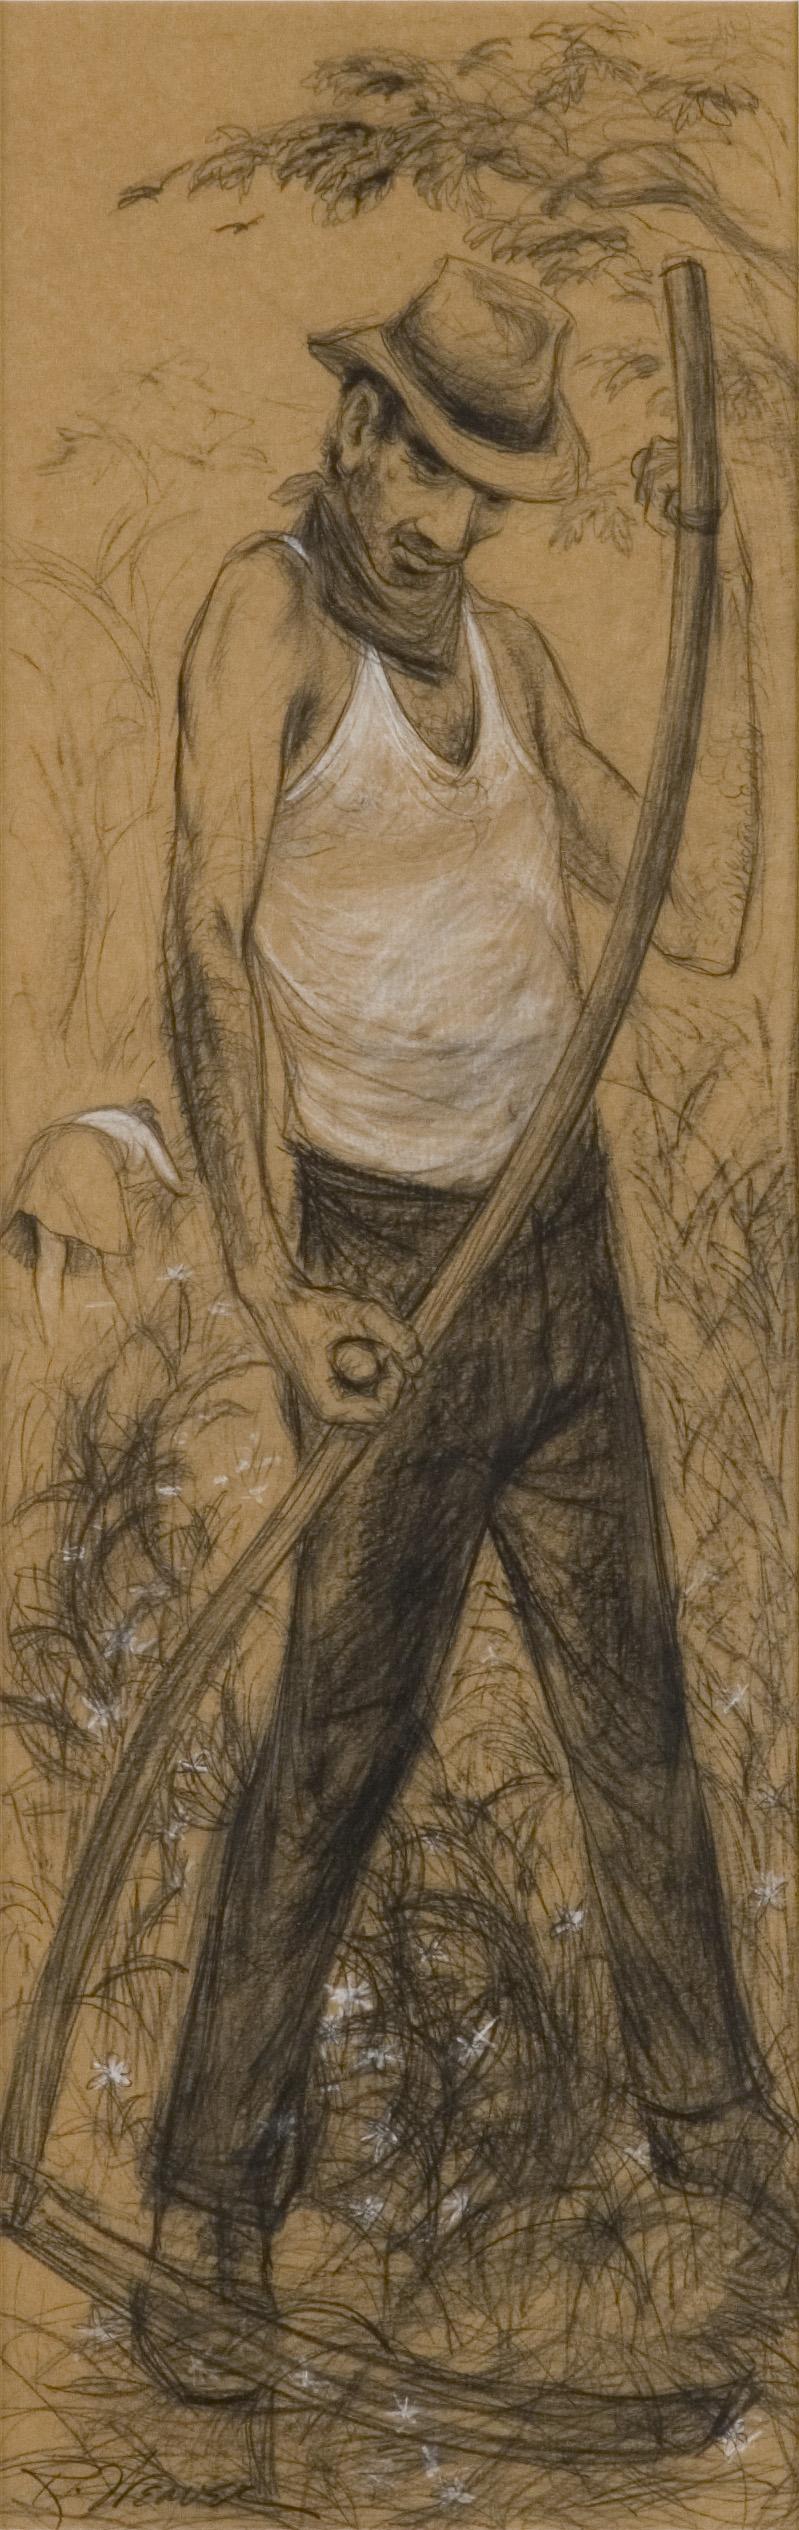 """""""Man with Scythe"""" c. 1950*"""